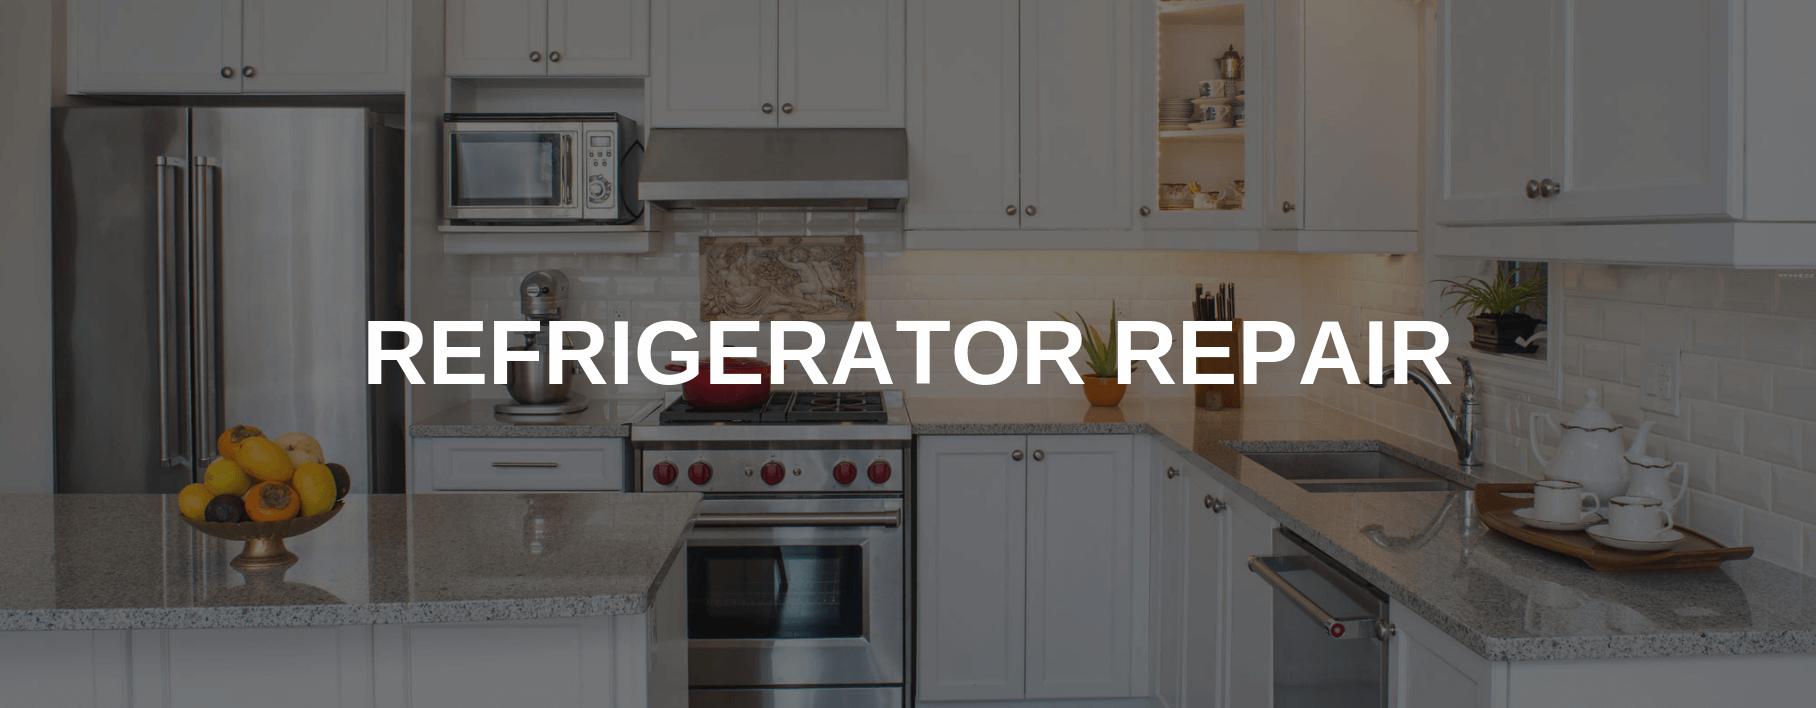 refrigerator repair new milford